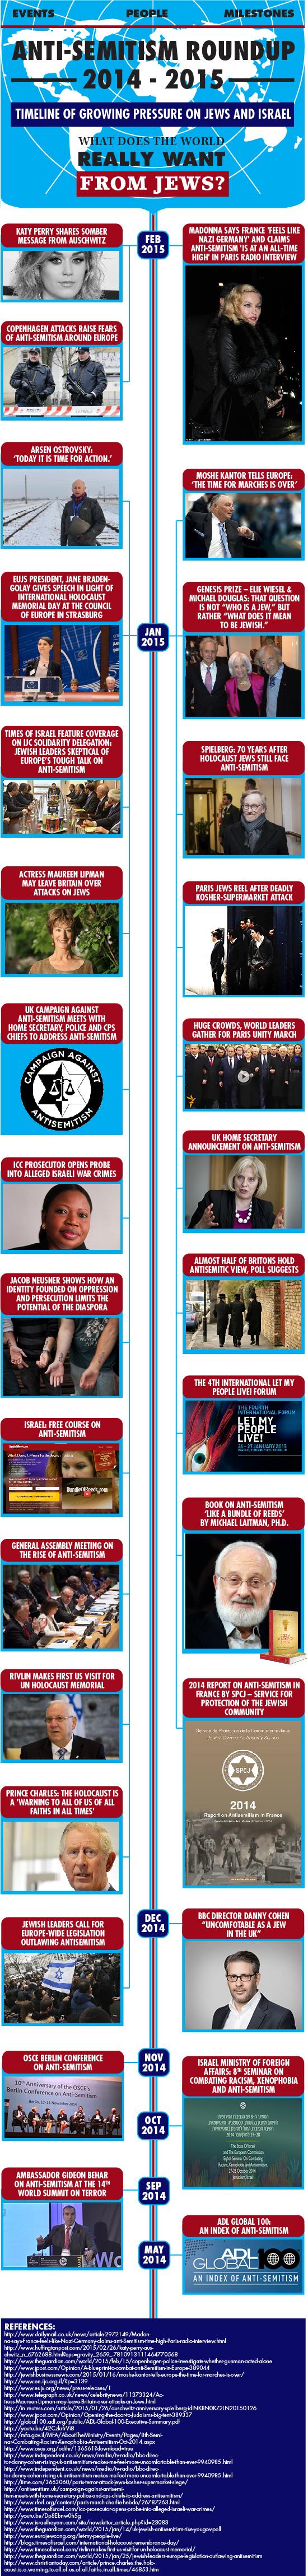 anti-semitism-roundup-2014-2015-w-Rav